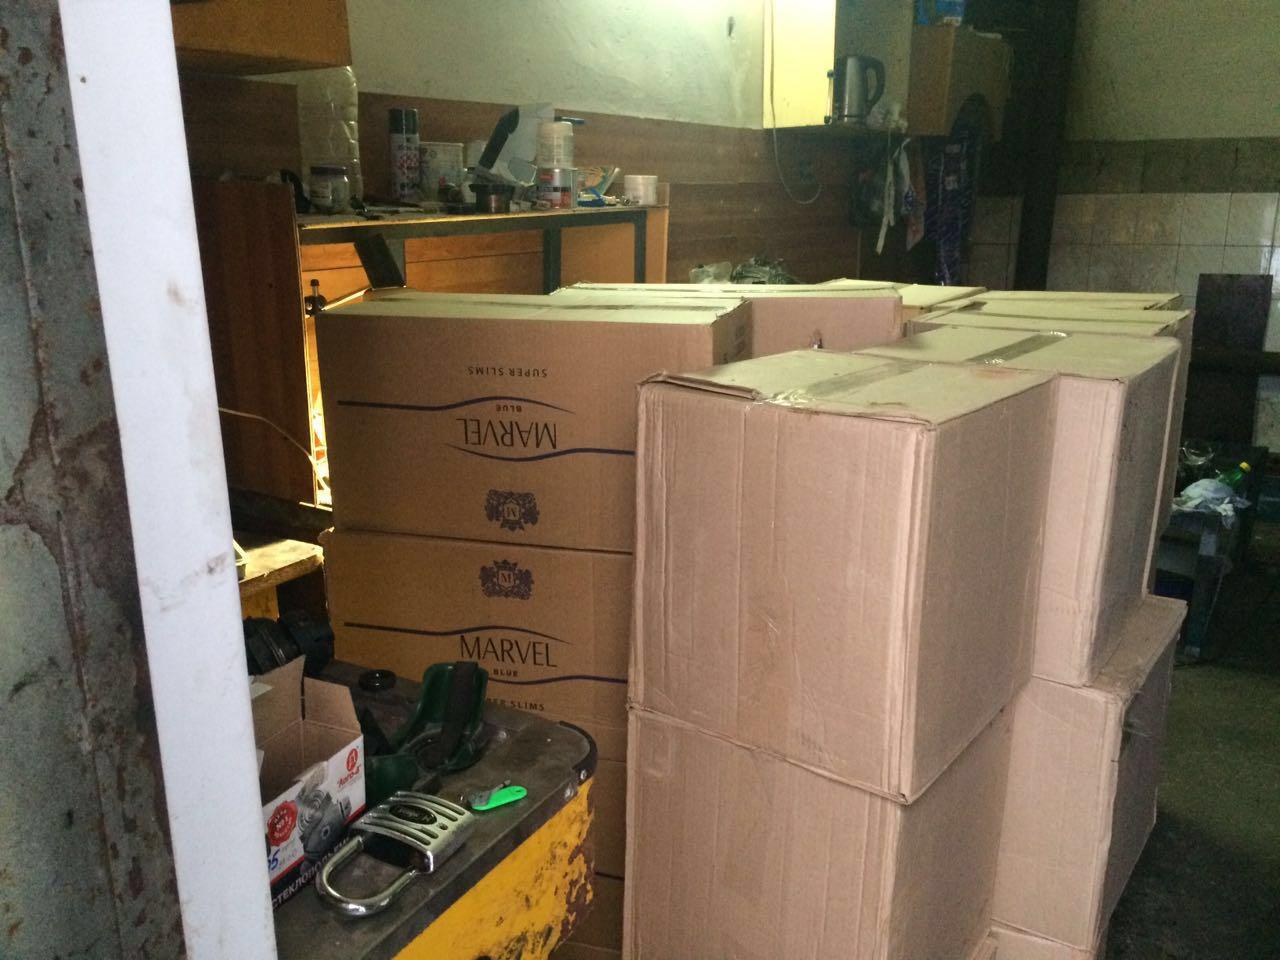 У запорожца нашли контрабандные сигареты на 350 тысяч гривен - ФОТО, ВИДЕО